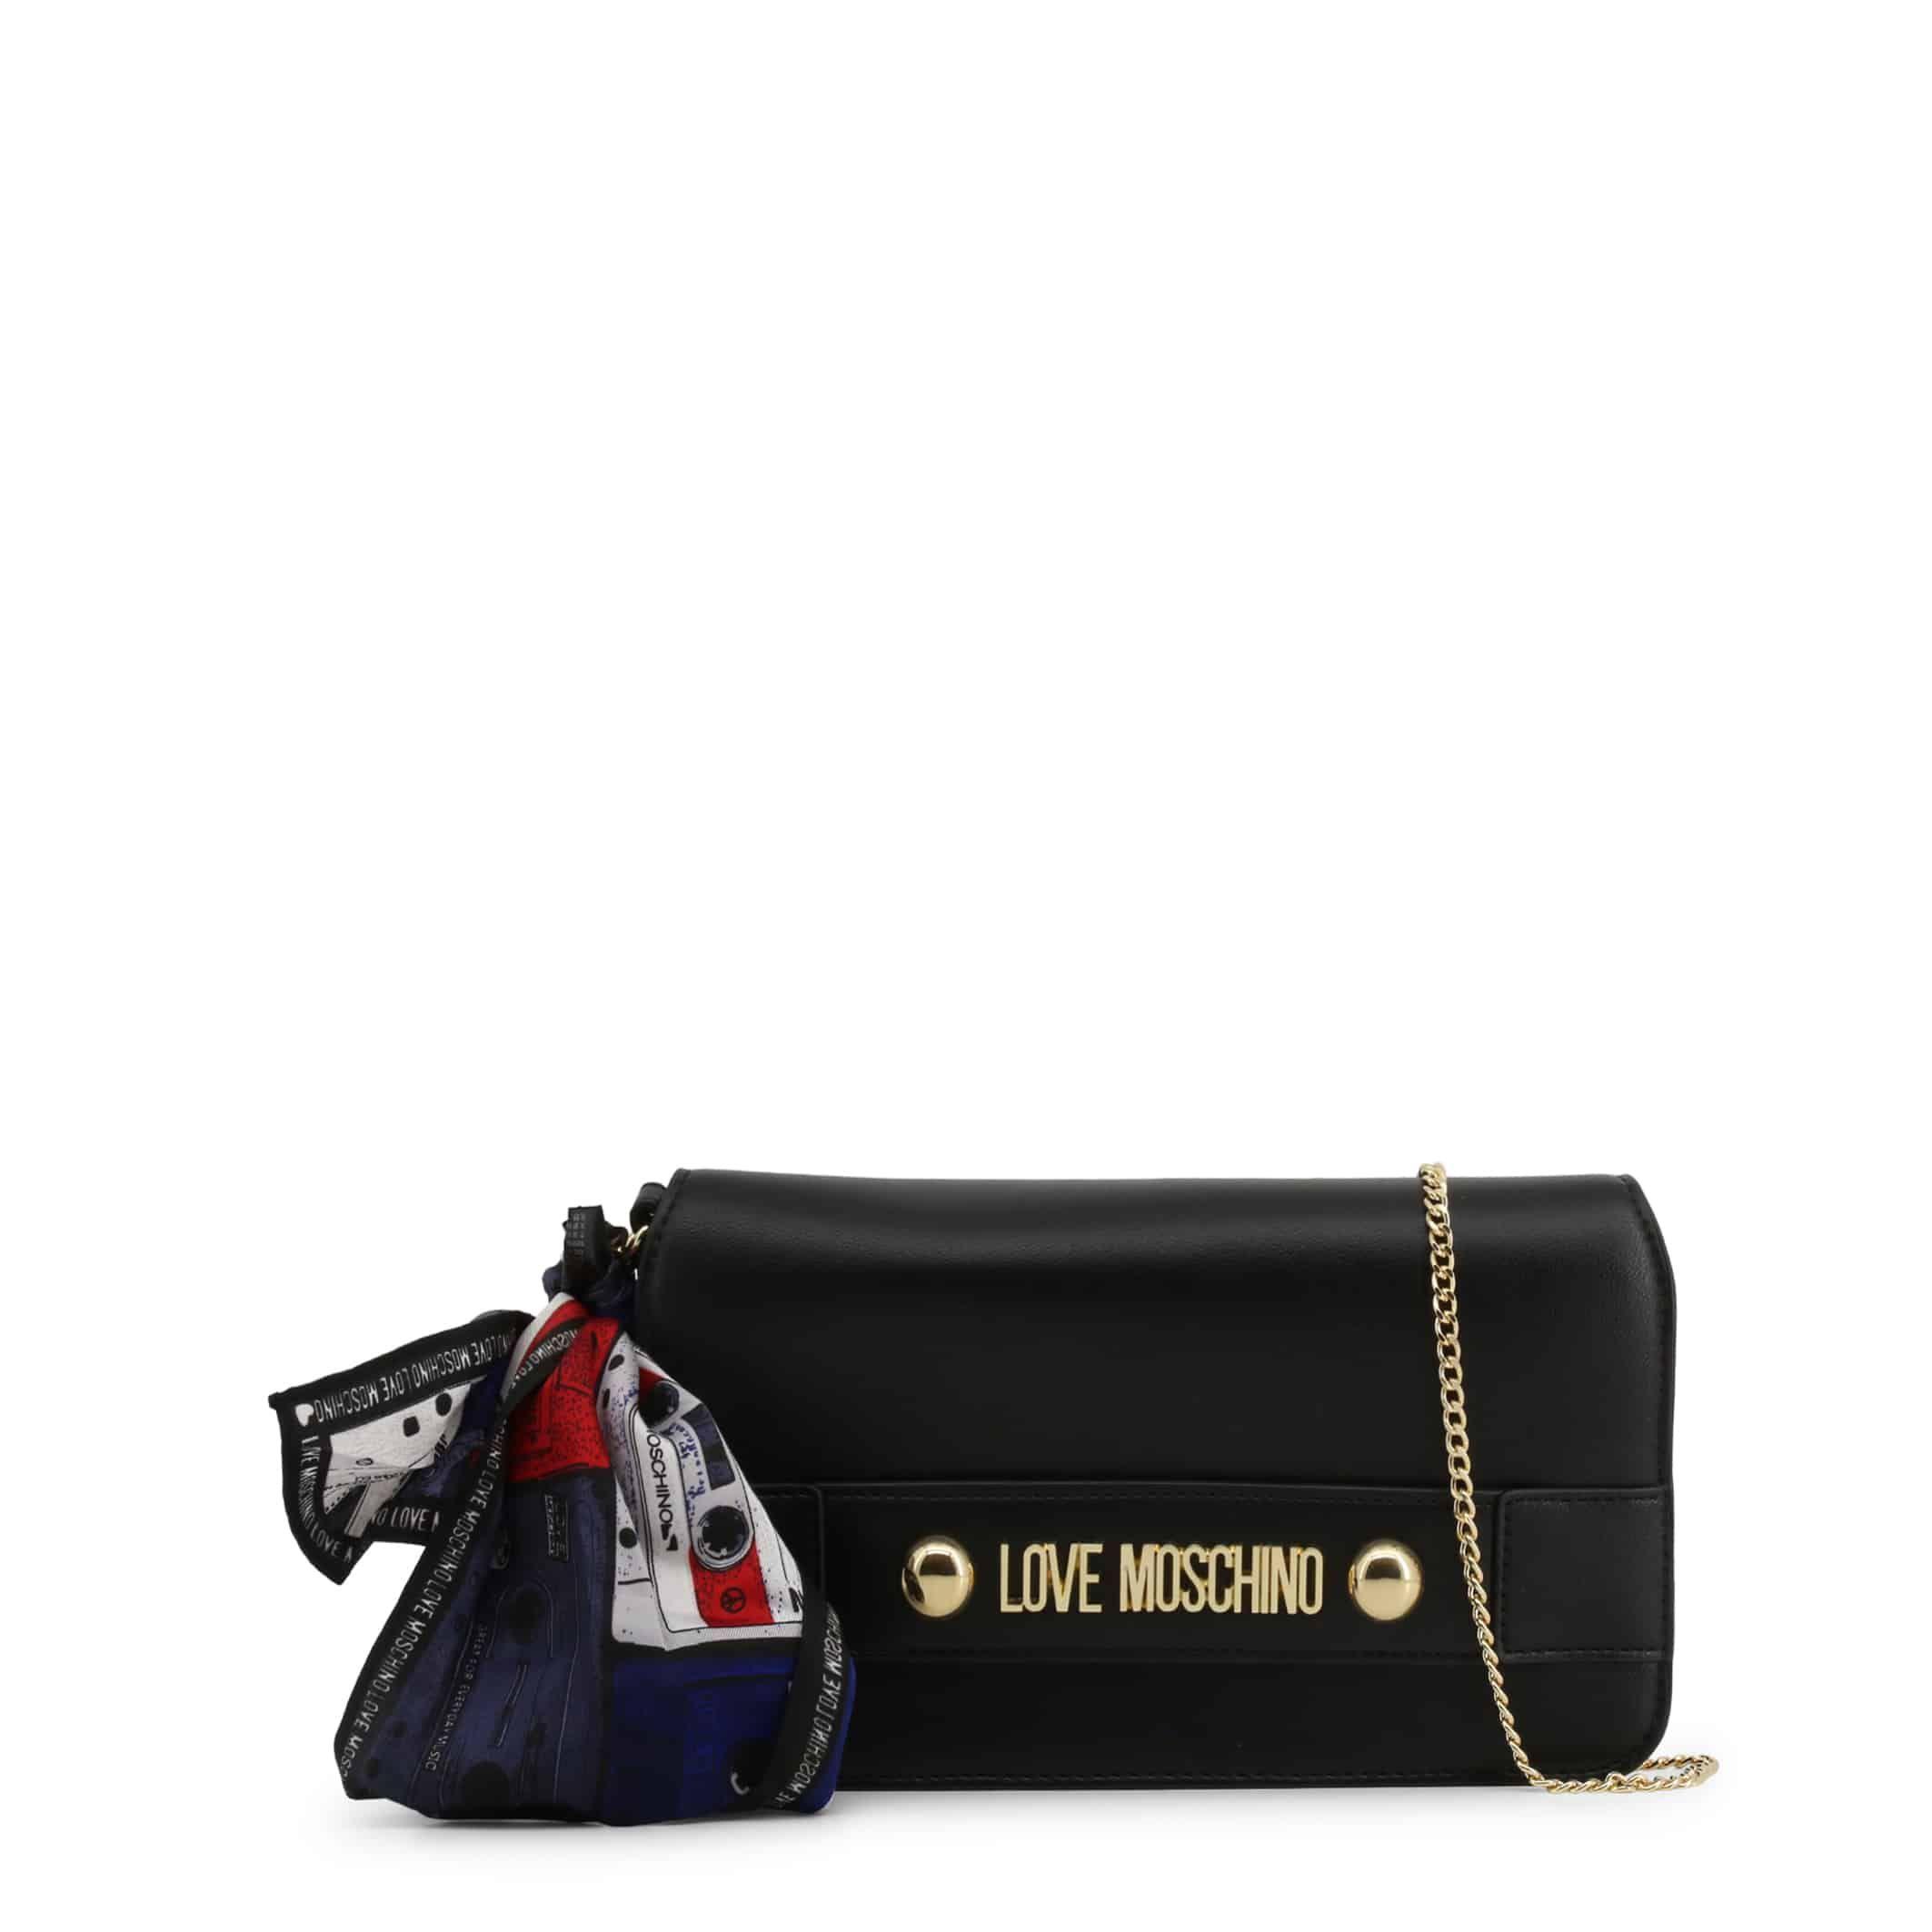 Pochettes Love Moschino – JC4226PP08KD